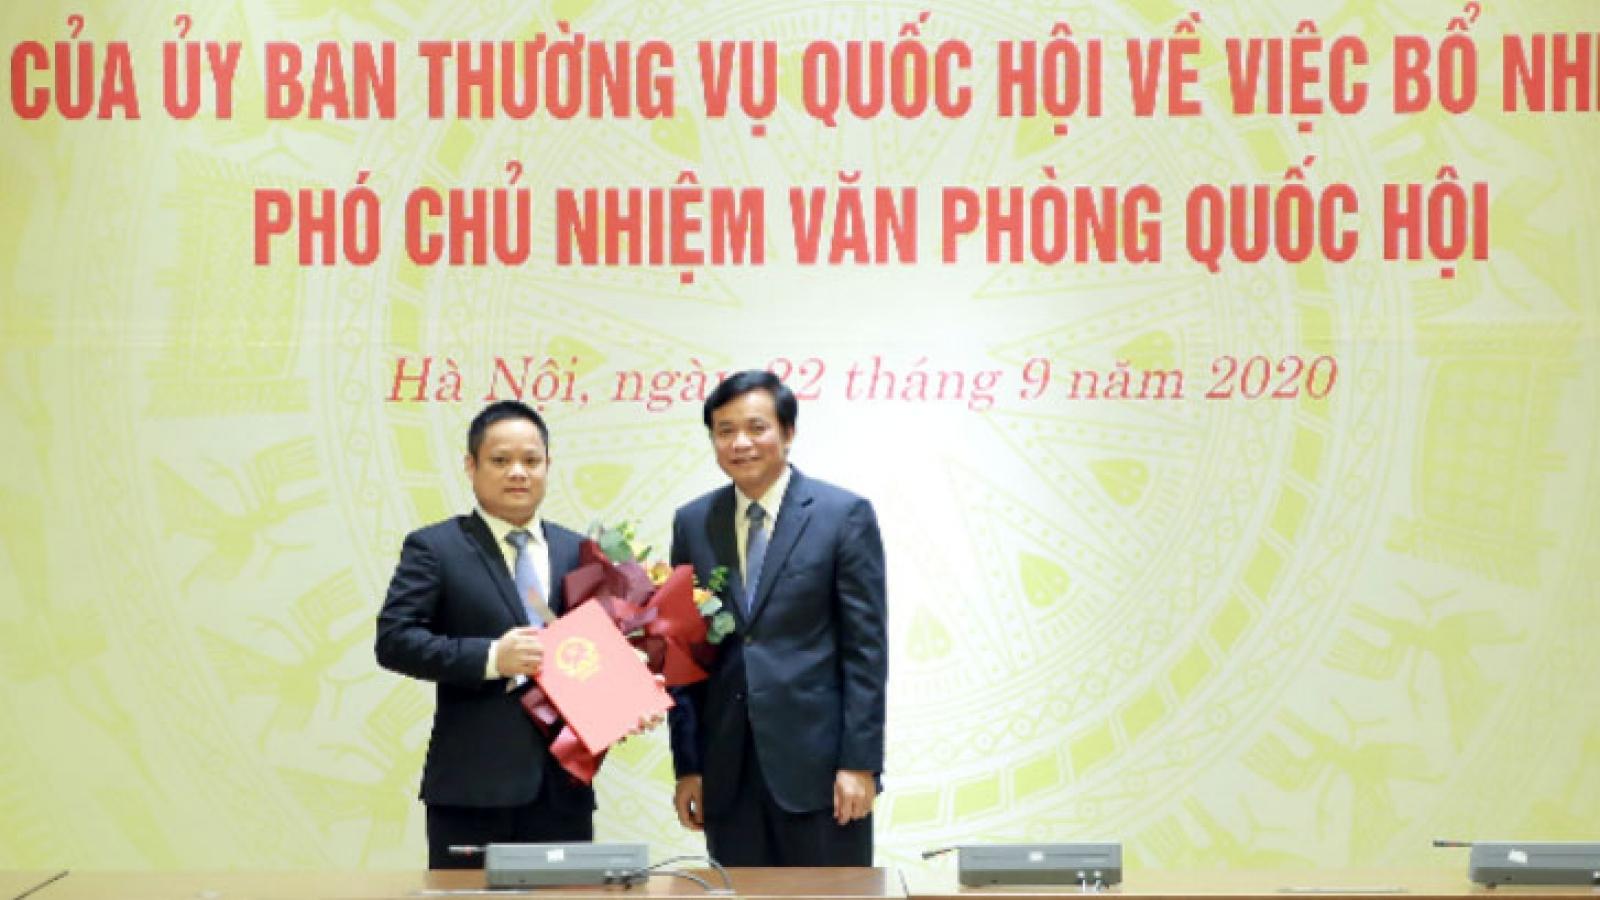 Ông Vũ Minh Tuấn giữ chức Phó Chủ nhiệm Văn phòng Quốc hội